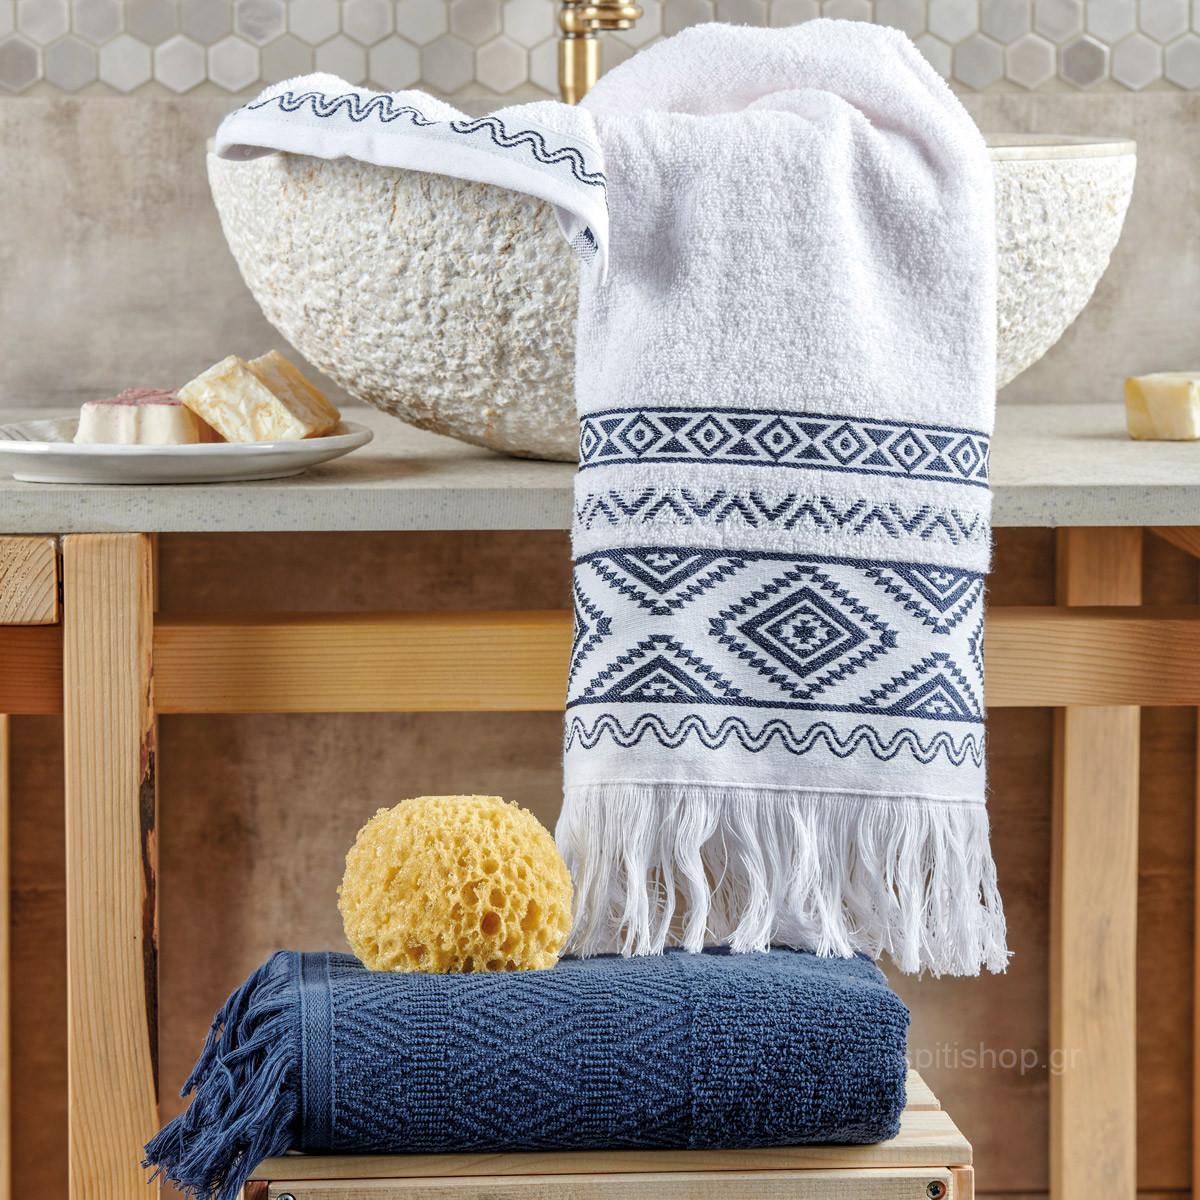 Πετσέτες Προσώπου (Σετ 2τμχ) Kentia Bath Brenda 01